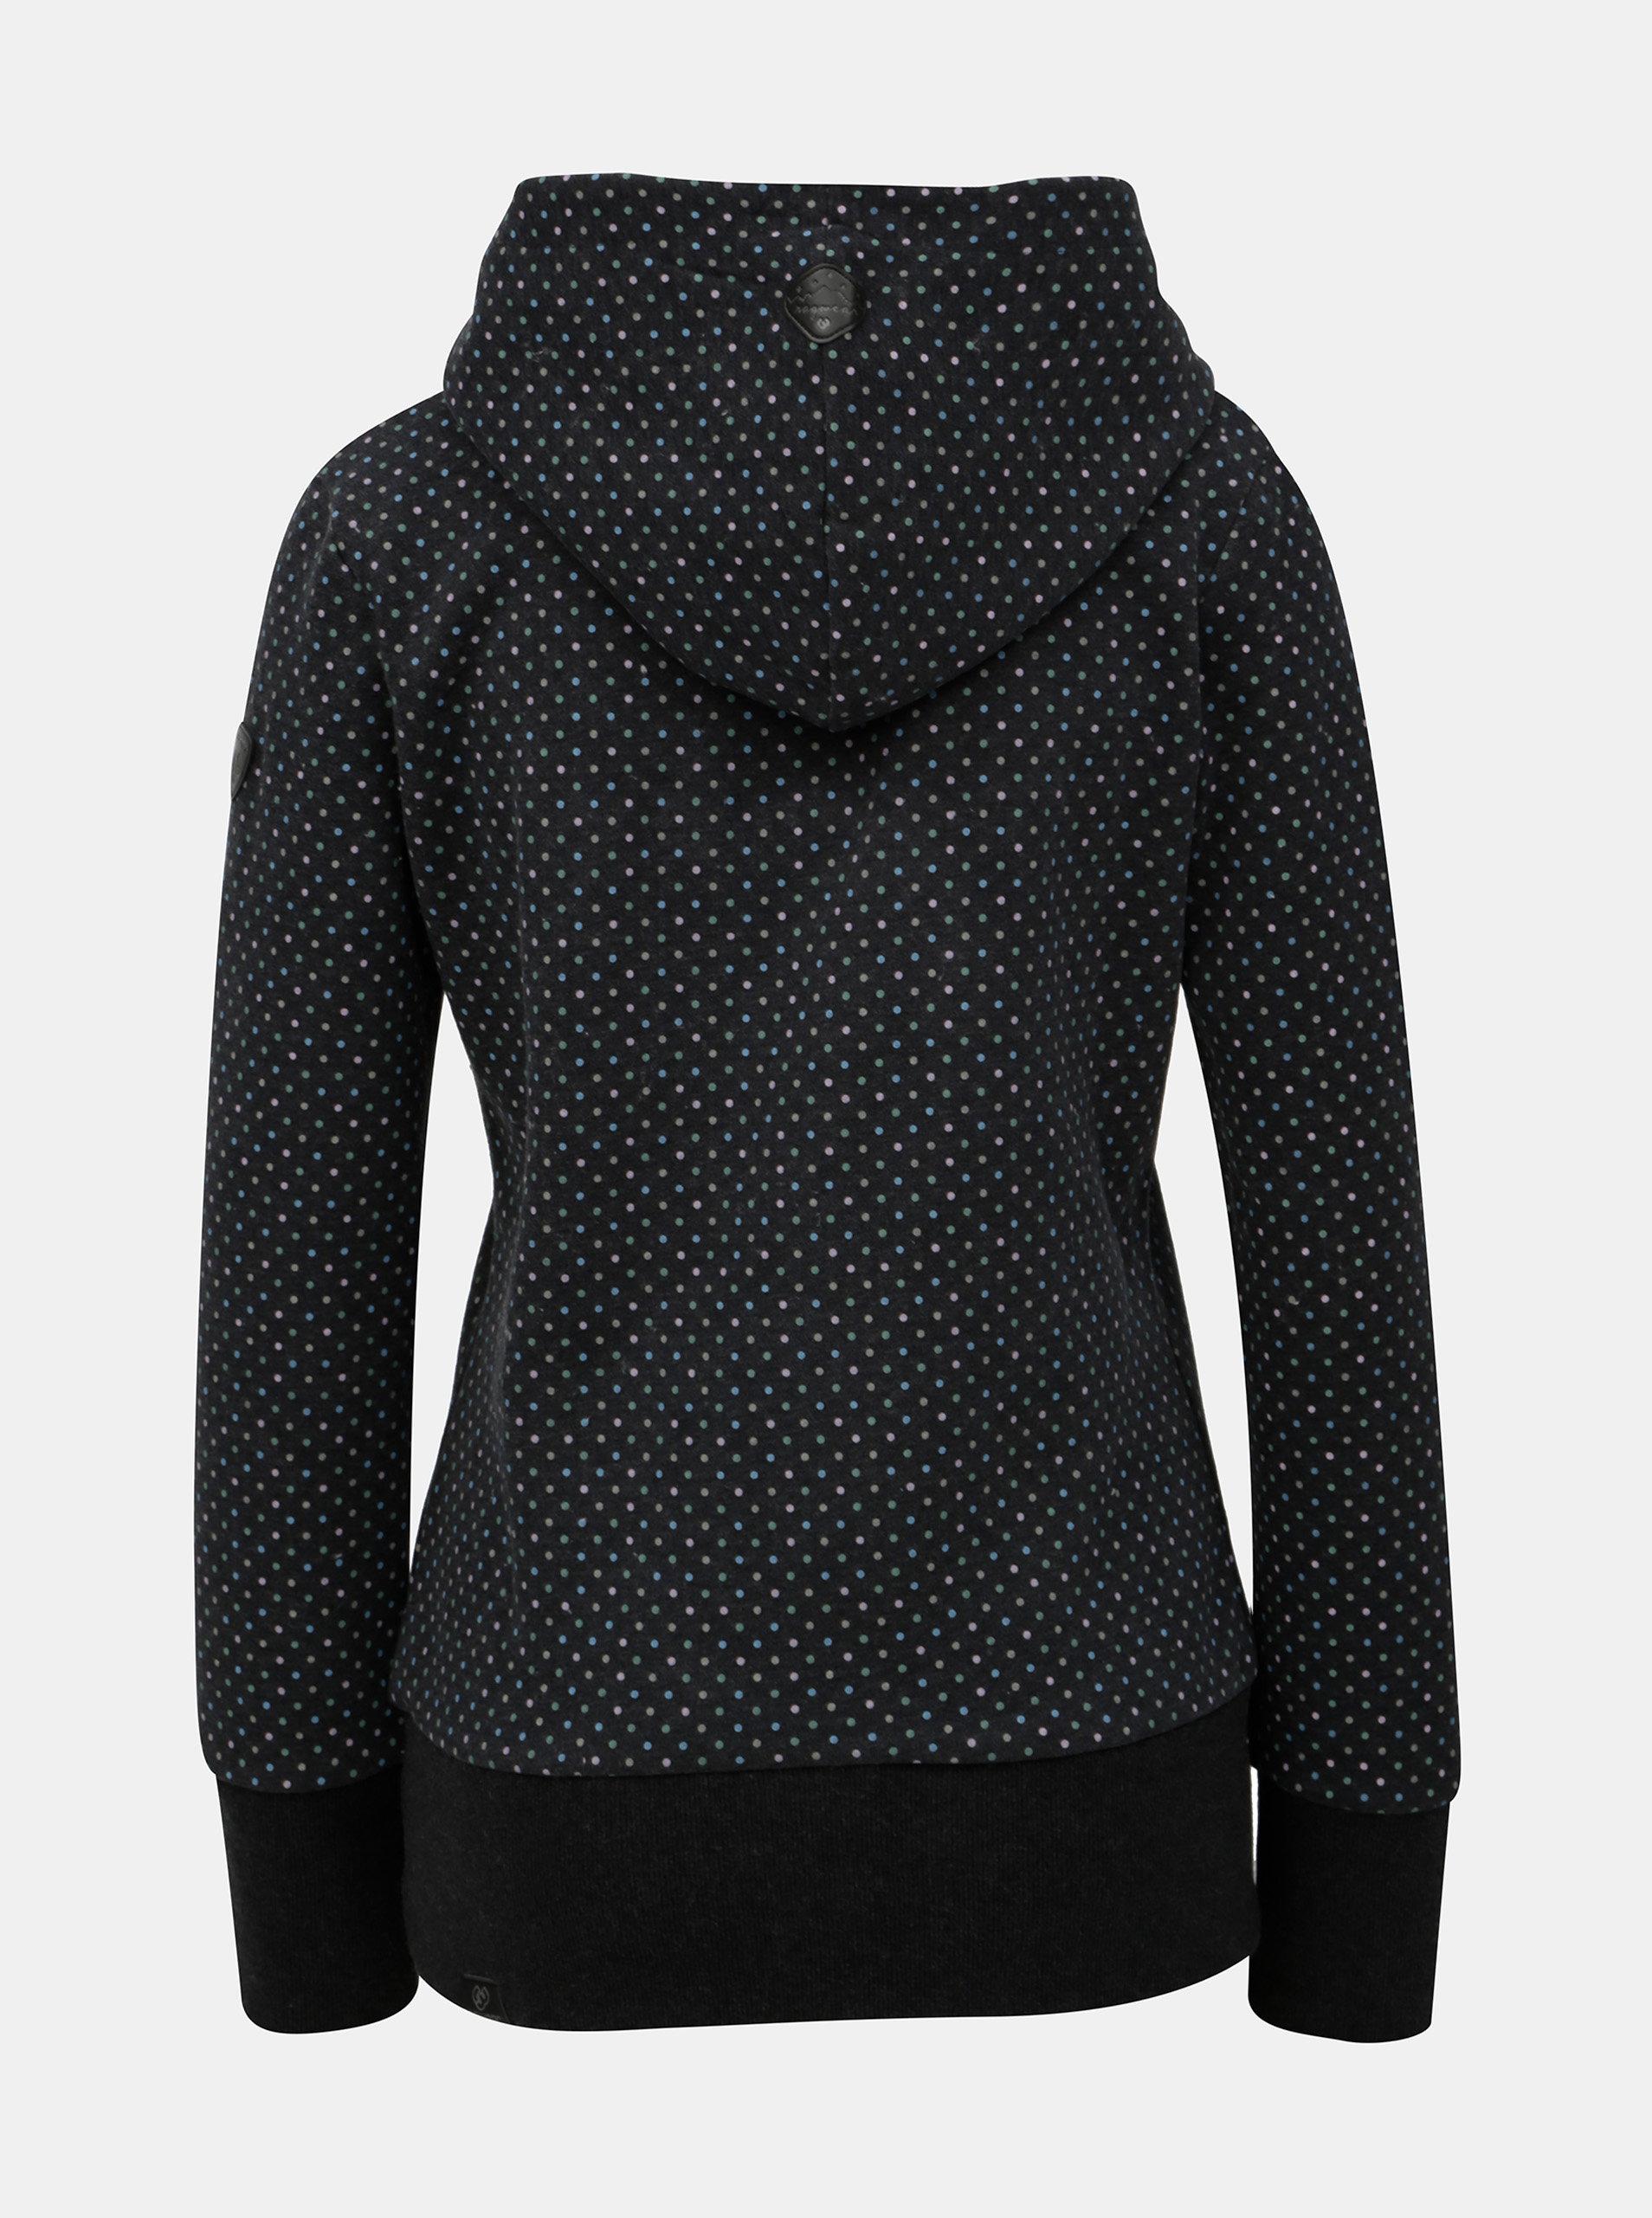 Tmavě šedá dámská vzorovaná mikina s kapucí Ragwear ... d420b658519